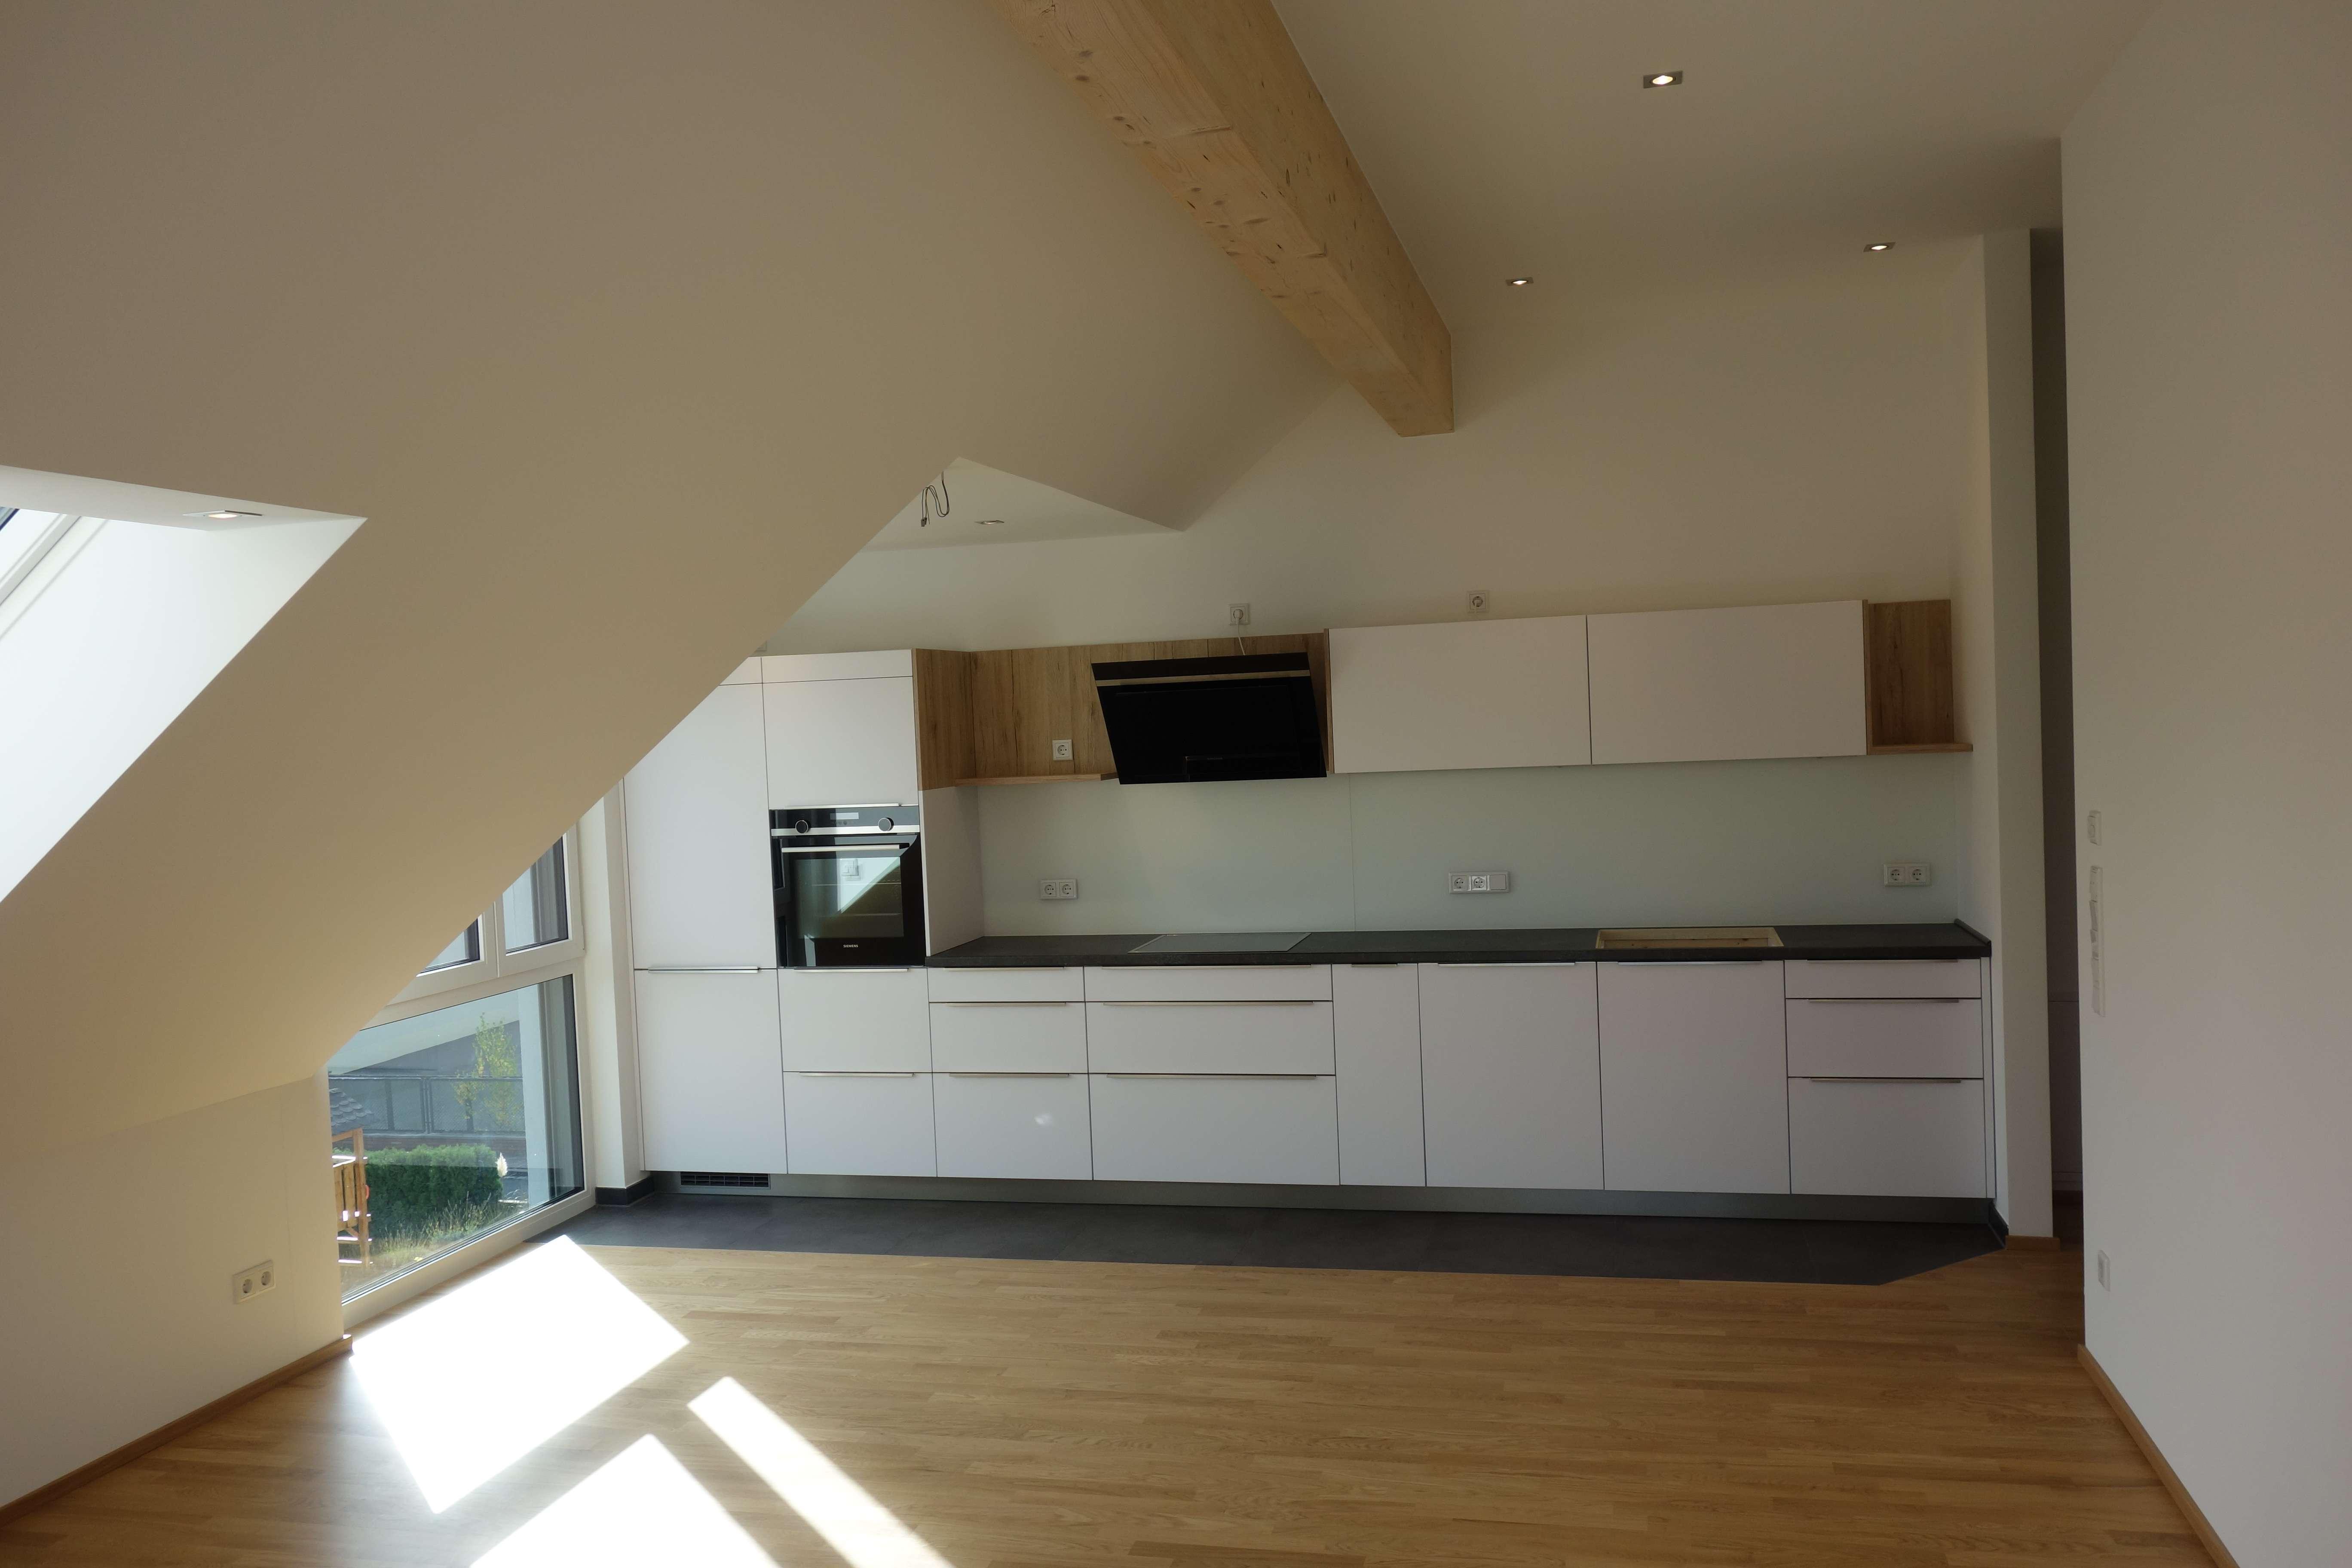 Erstbezug: Exklusive 2-Zimmer-DG-Wohnung mit Einbauküche, Klimaanlage und Balkon in Fürth in Stadeln / Herboldshof / Mannhof (Fürth)